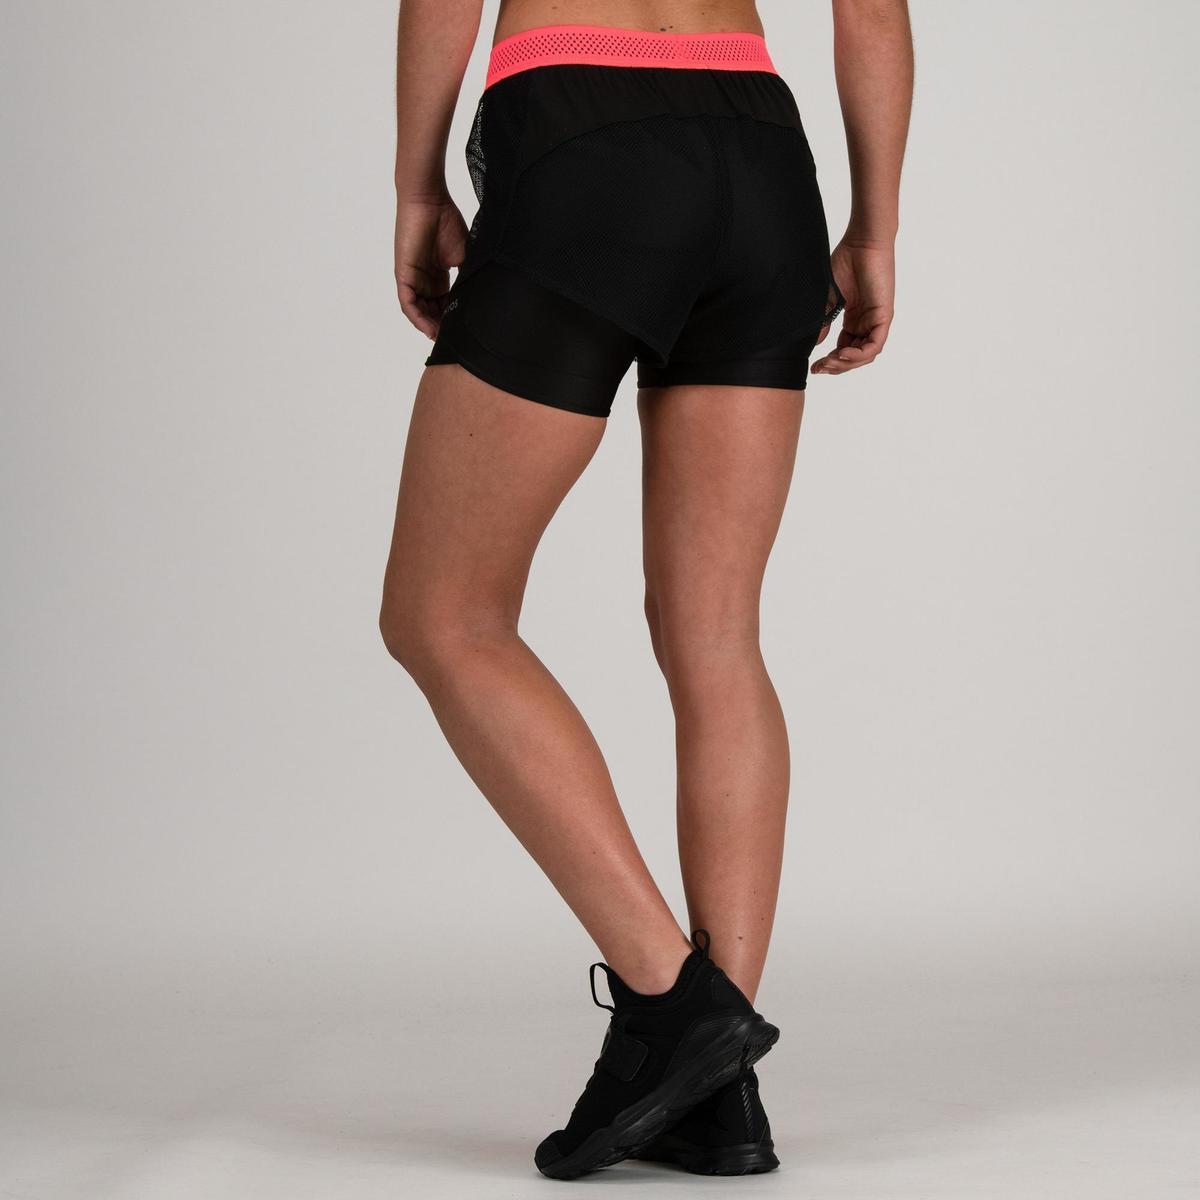 Bild 4 von Sporthose kurz FST 520 Fitness/Ausdauertraining Damen schwarz